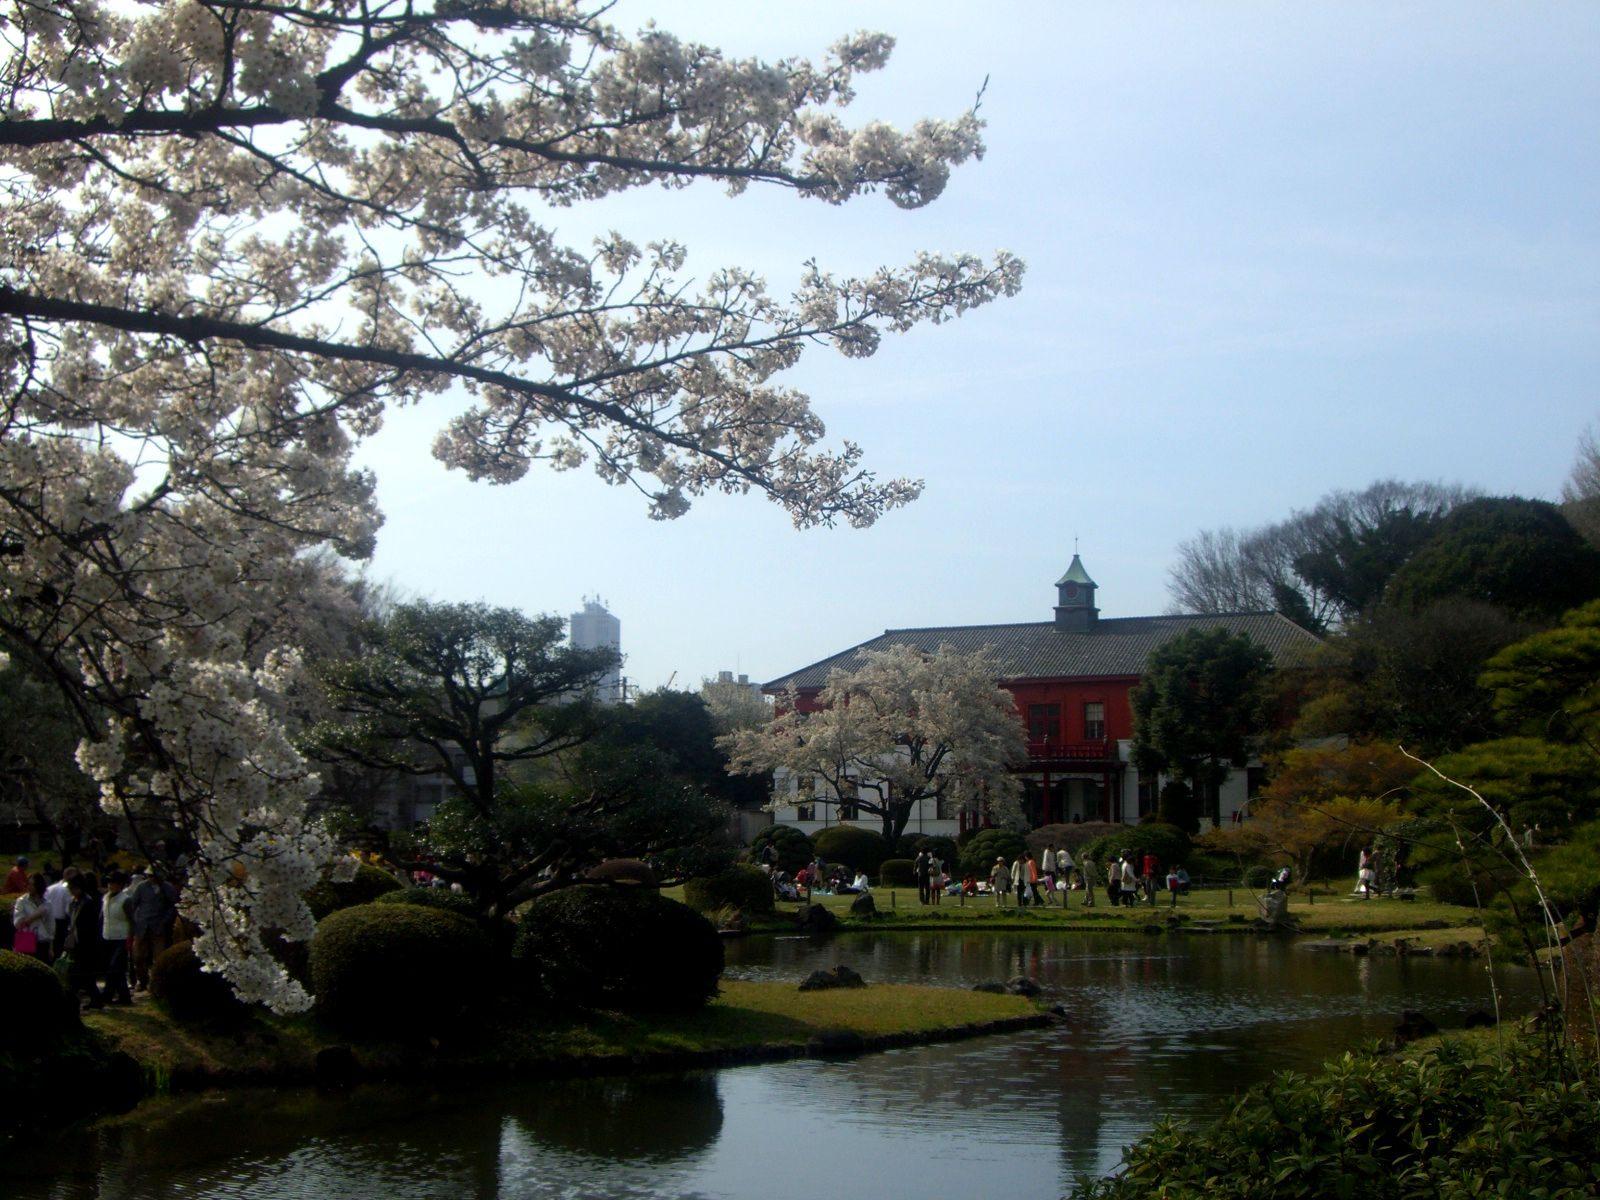 紅色的西式建築×日本庭園×櫻花